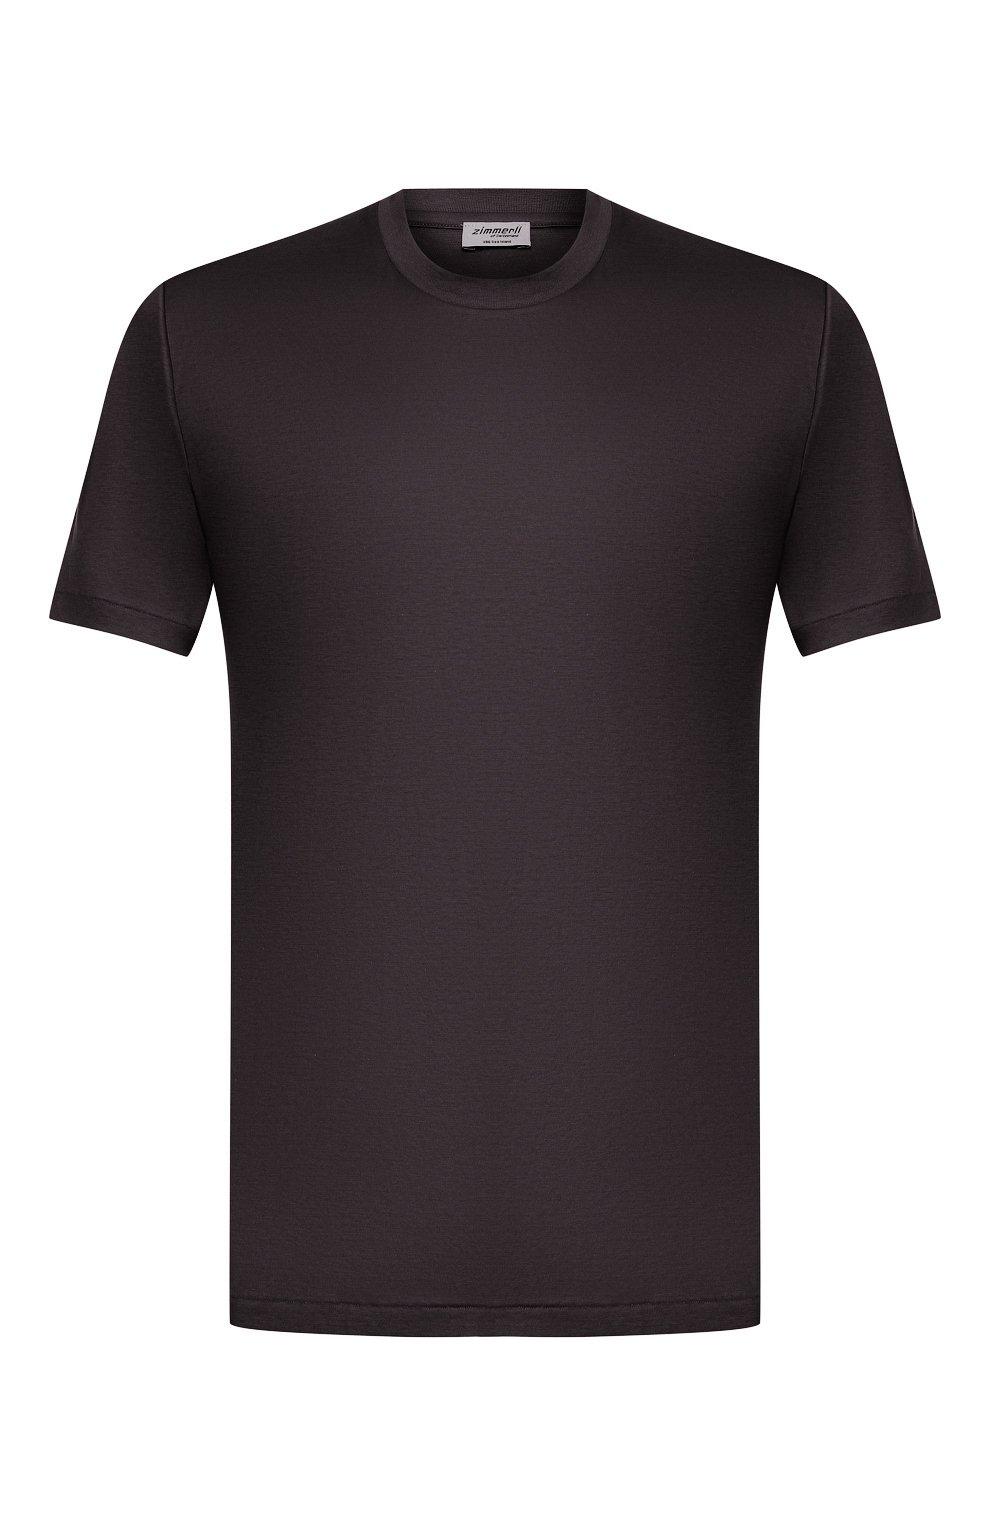 Мужская хлопковая футболка ZIMMERLI темно-серого цвета, арт. 286-1447 | Фото 1 (Кросс-КТ: домашняя одежда; Рукава: Короткие; Длина (для топов): Стандартные; Материал внешний: Хлопок; Мужское Кросс-КТ: Футболка-белье)